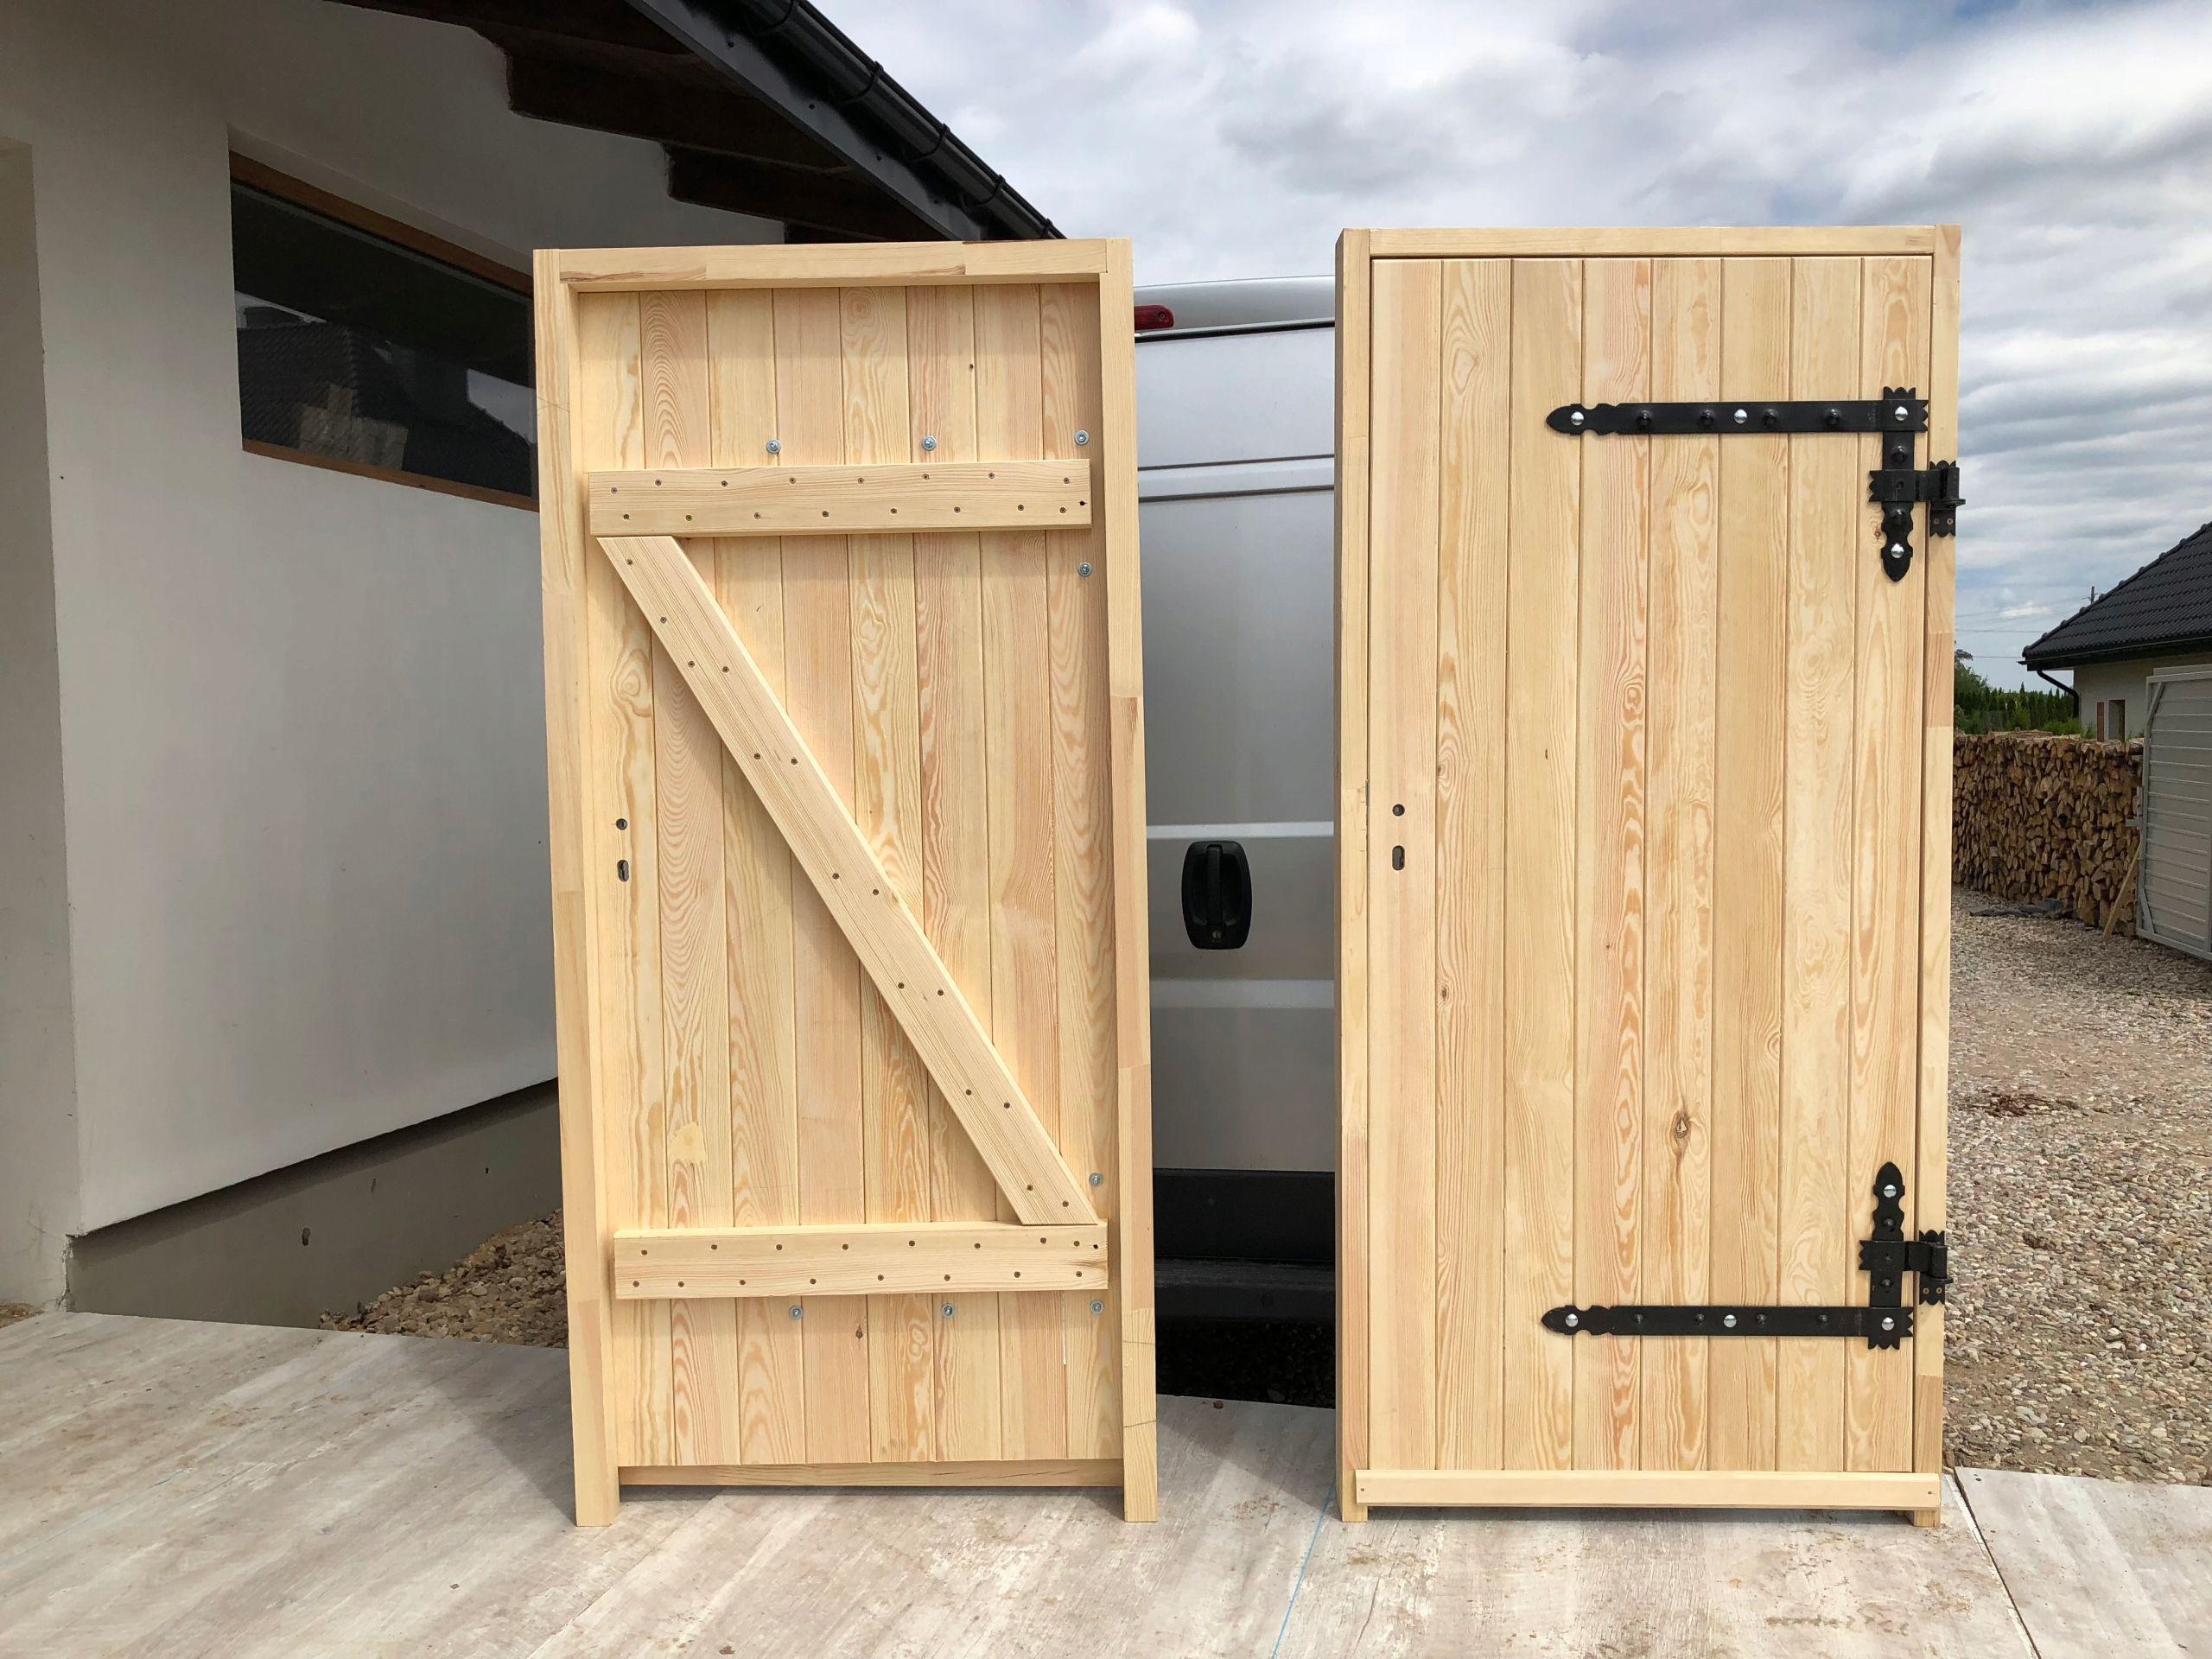 Kup Teraz Na Allegro Pl Za 1290 Zl Drzwi Zewnetrzne 100 Drewniane X I Zetka 7978497116 Allegro Pl Radosc Zakupow Tall Cabinet Storage Decor Home Decor